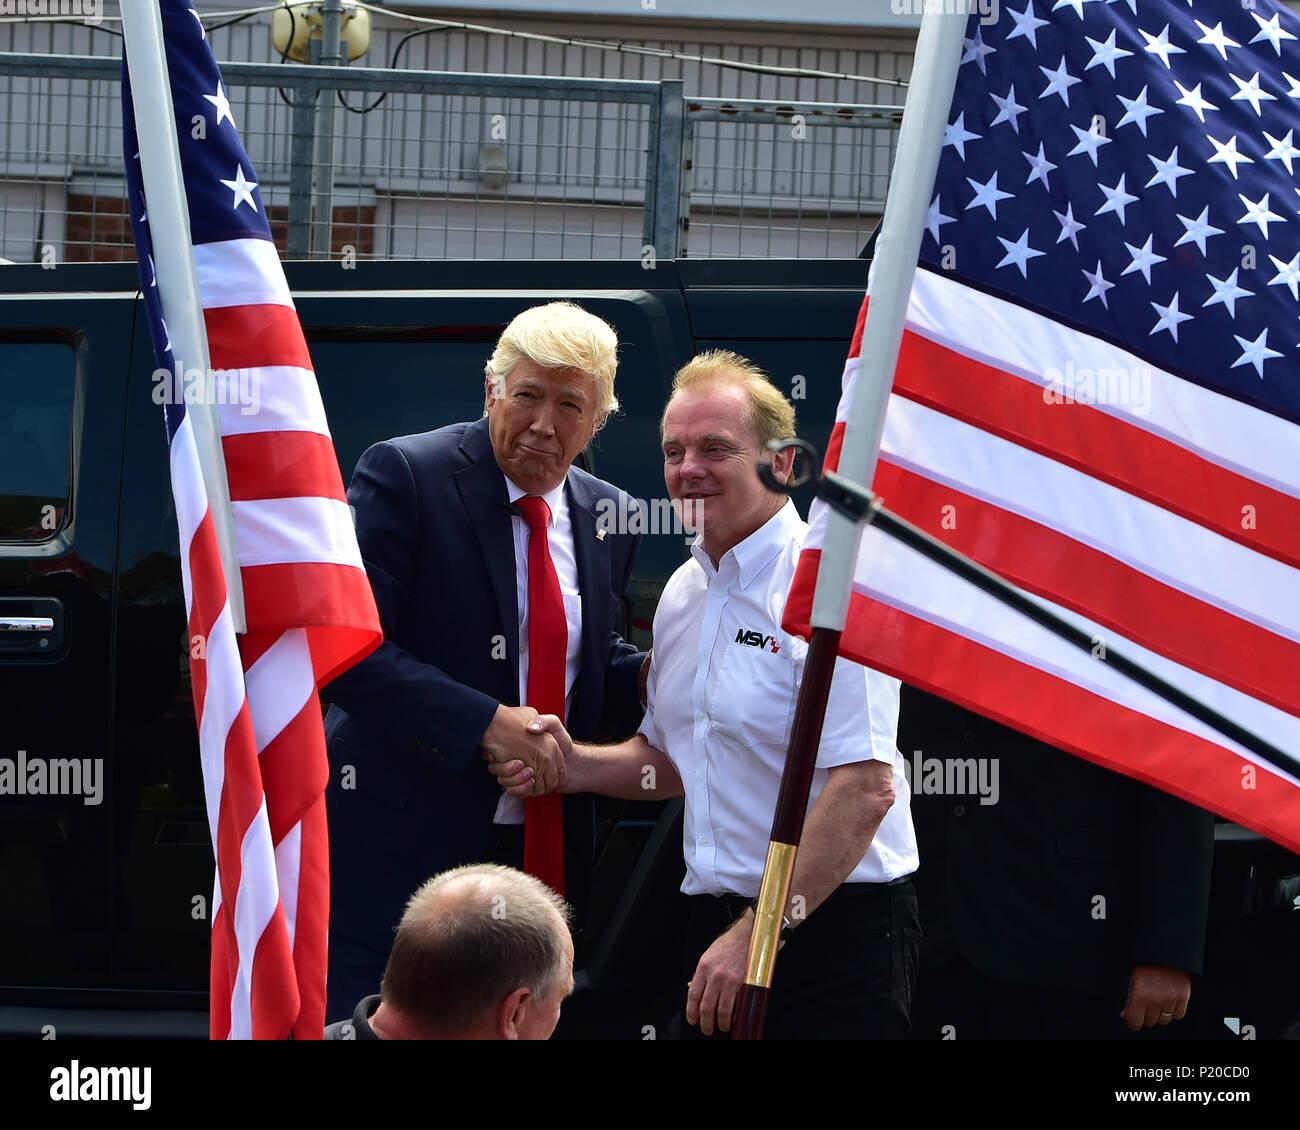 Dr J Palmer und jemand, der Amerikanischen Speedfest VI, Brands Hatch, Juni 2018, Automobile, Autosport, Autos, Rundstrecke, England, Unterhaltung, Europea Stockbild